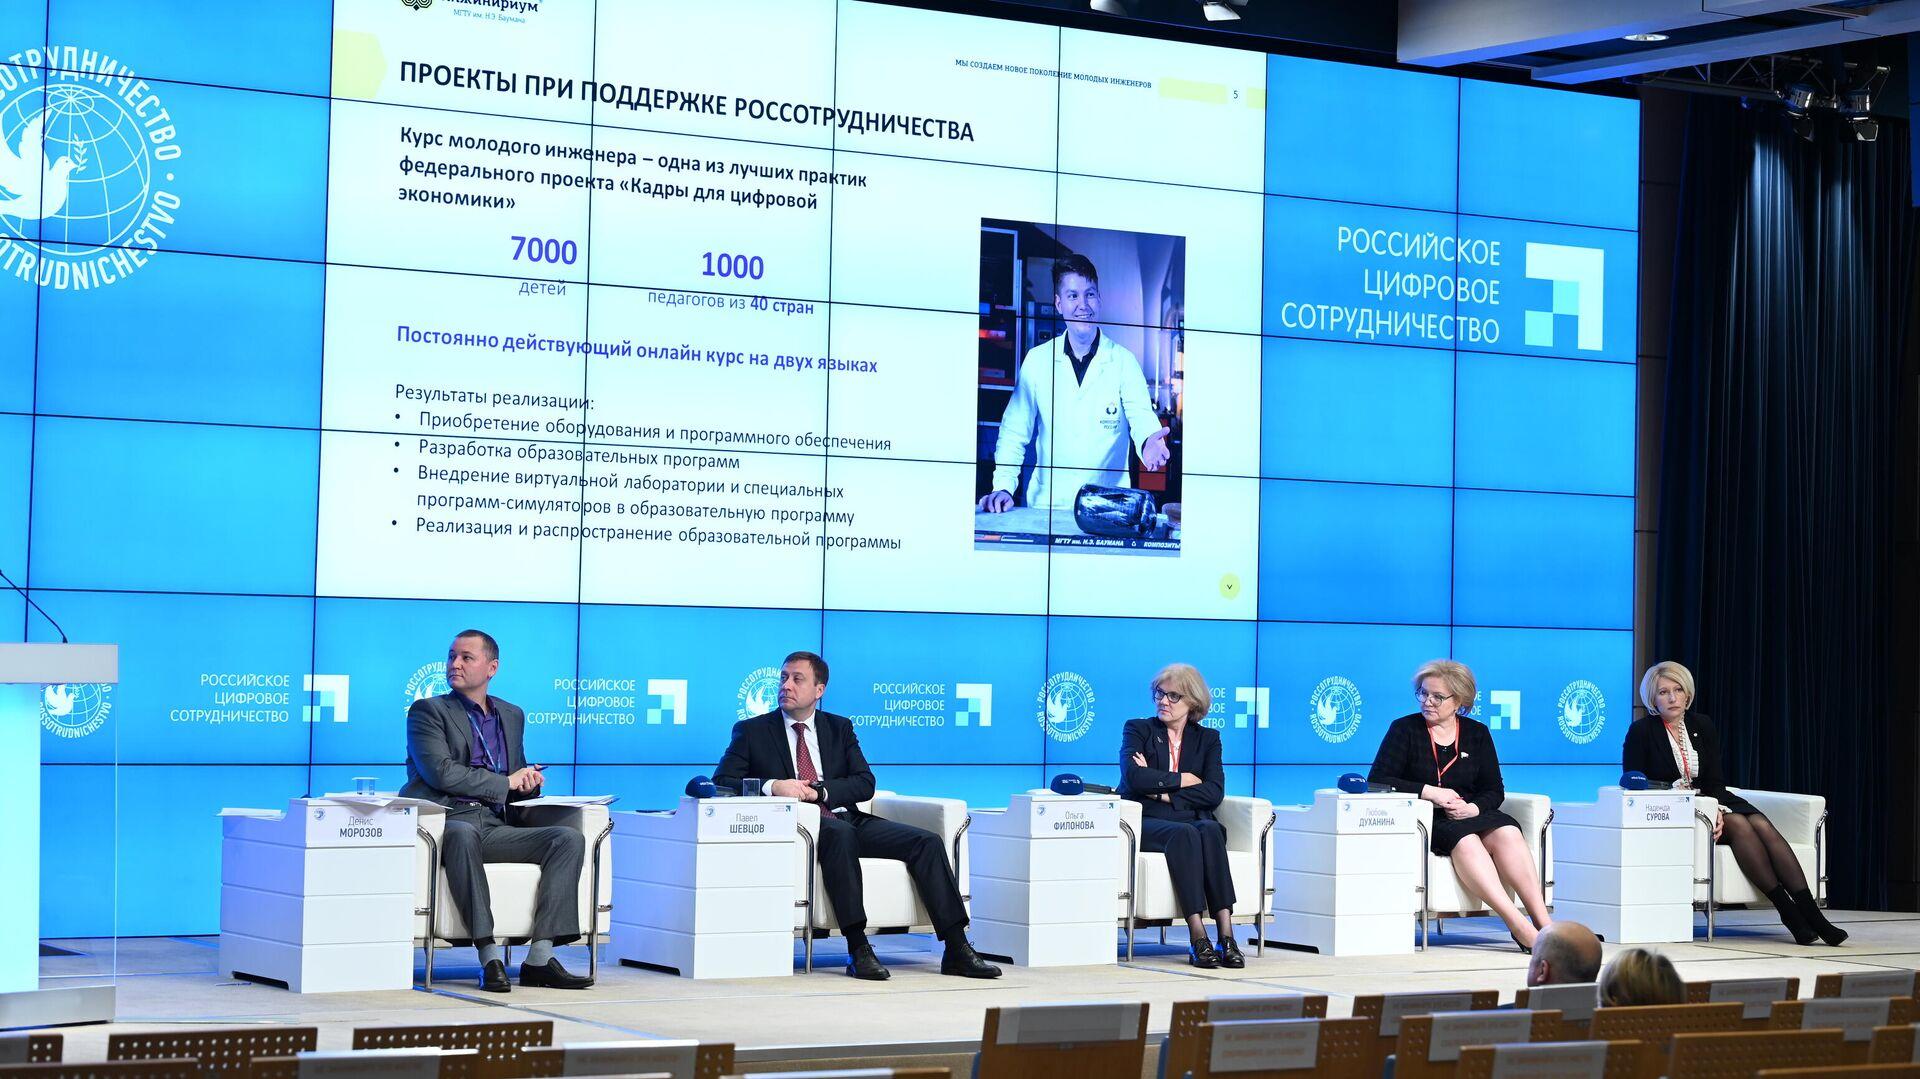 Онлайн-конференция, посвященная итогам реализации в 2019-2020 гг. проектов Россотрудничества - РИА Новости, 1920, 26.11.2020